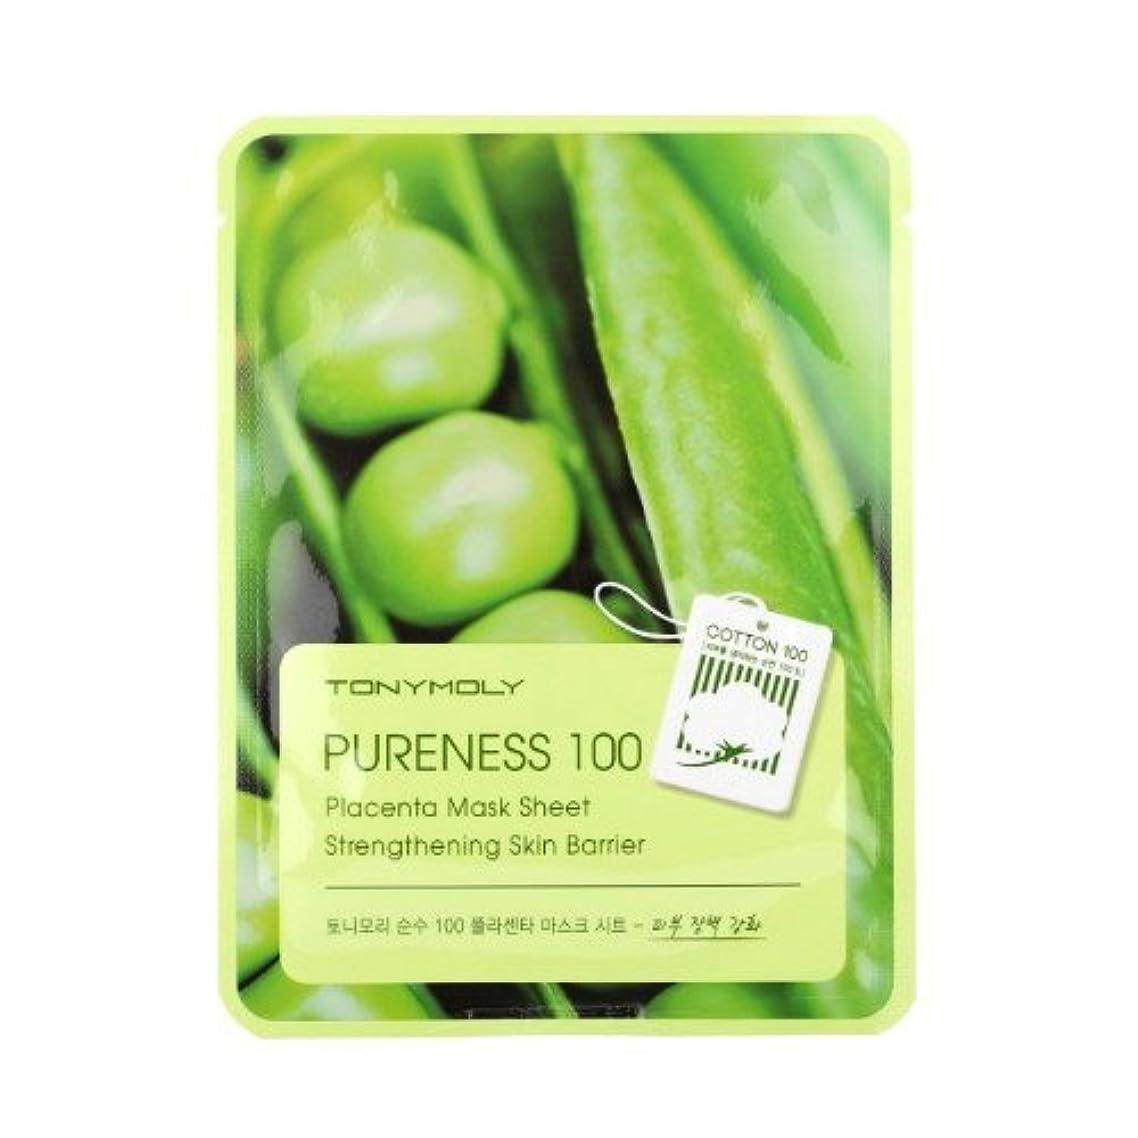 喜び第五適合しました(3 Pack) TONYMOLY Pureness 100 Placenta Mask Sheet Strengthening Skin Barrier (並行輸入品)